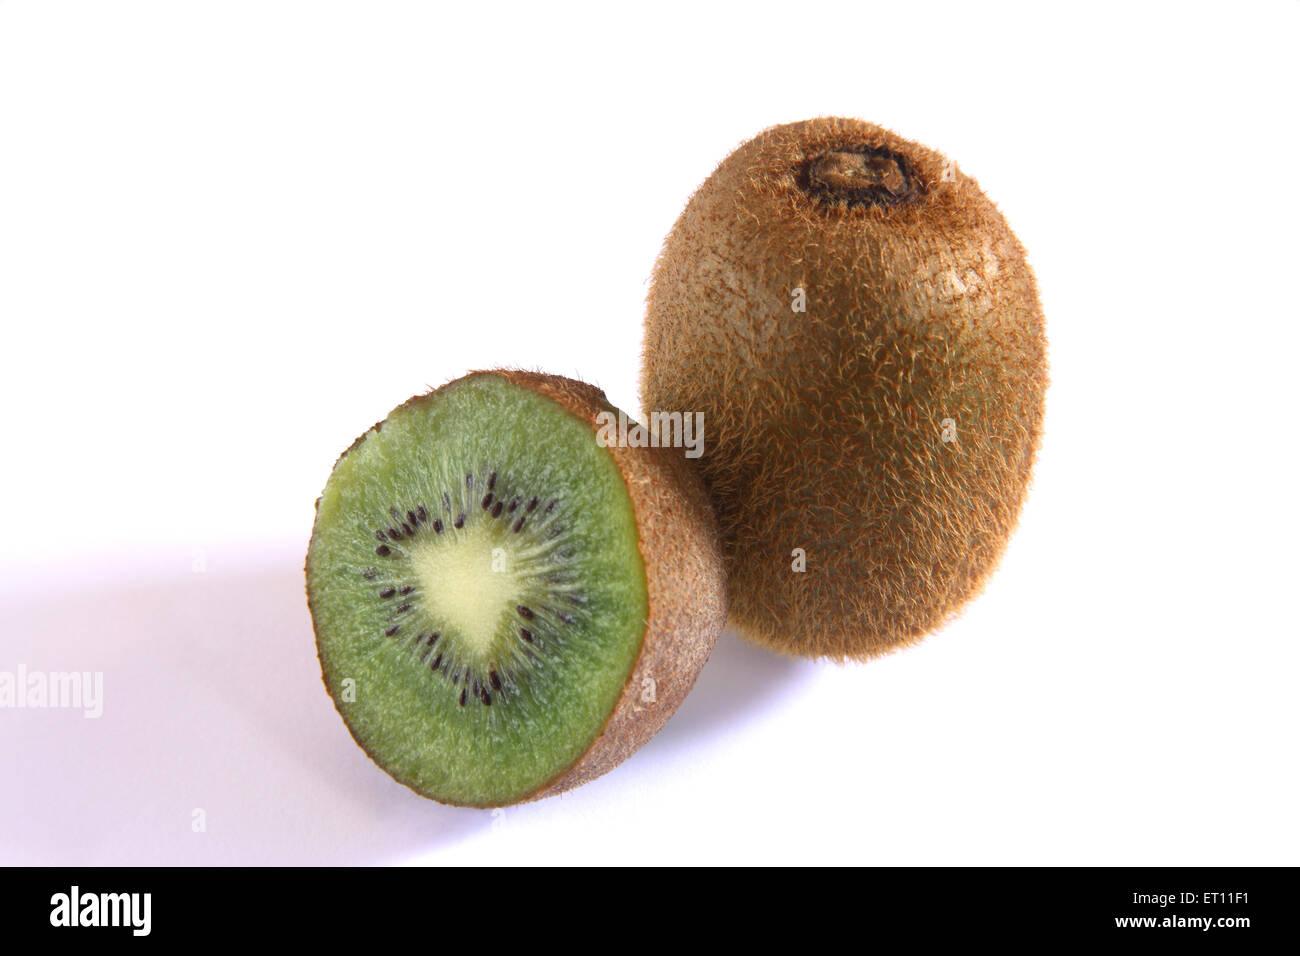 Fruit ; one full and half kiwi on white background - Stock Image